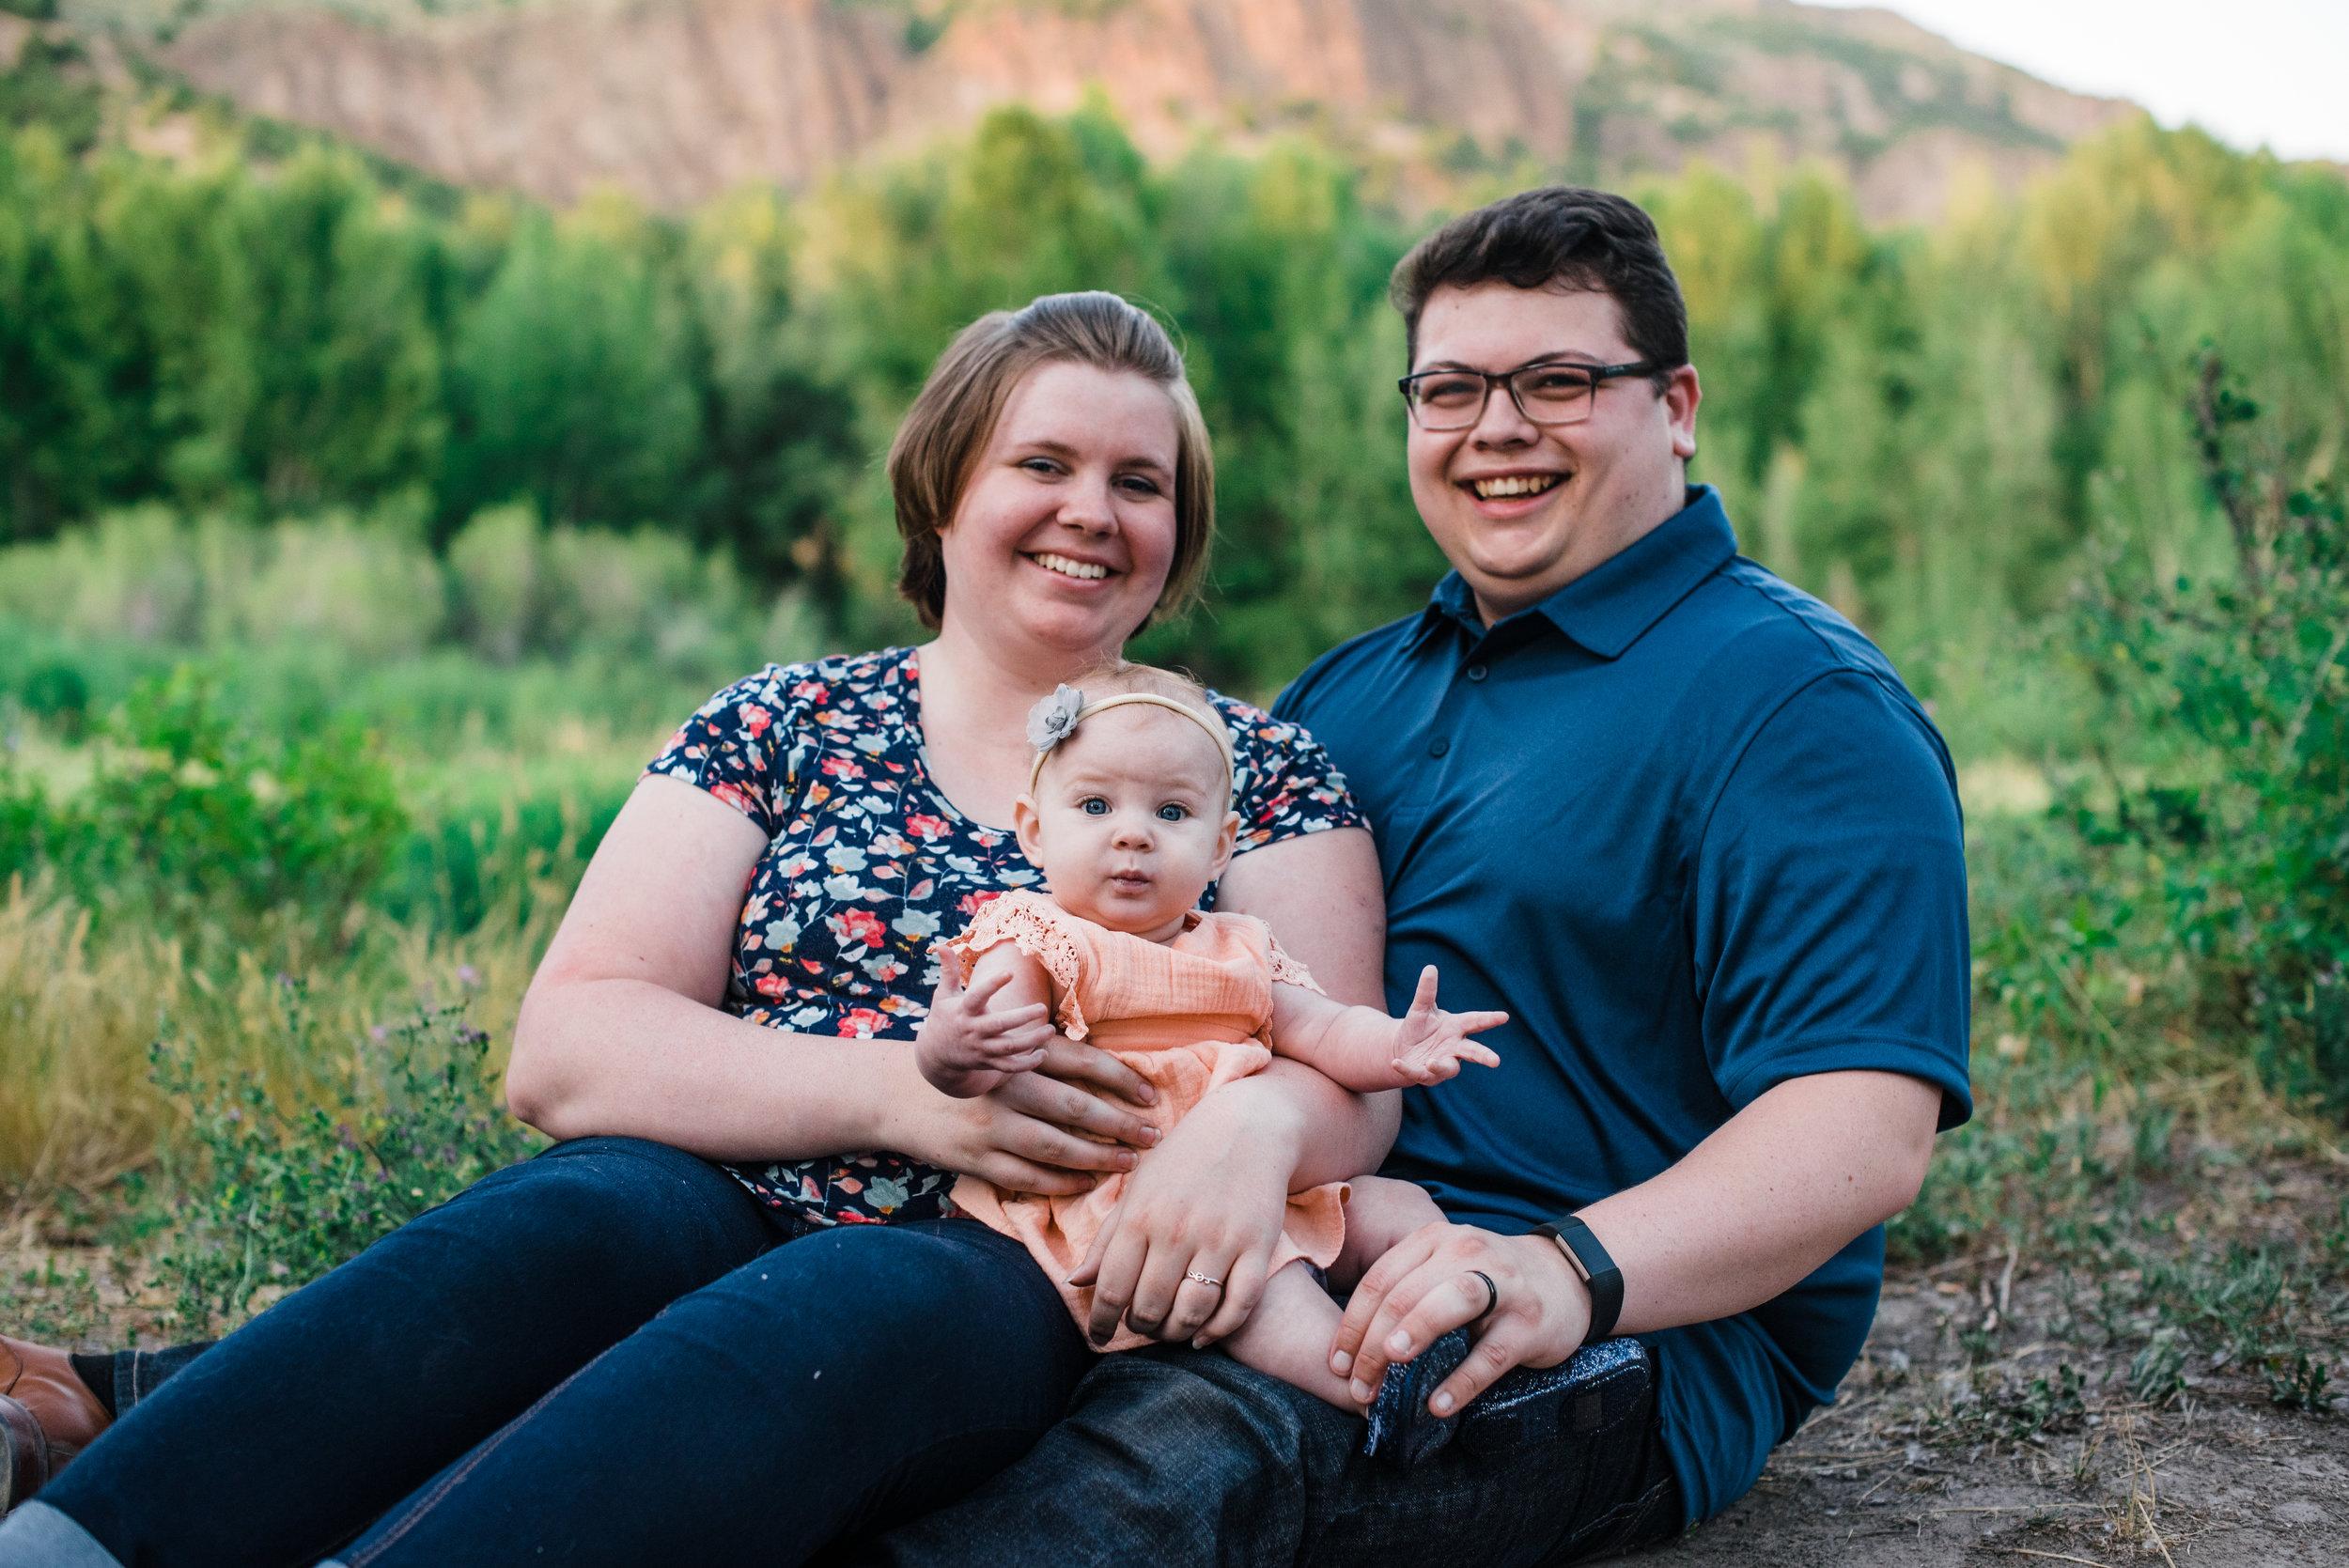 nashville couple mountain photoshoot